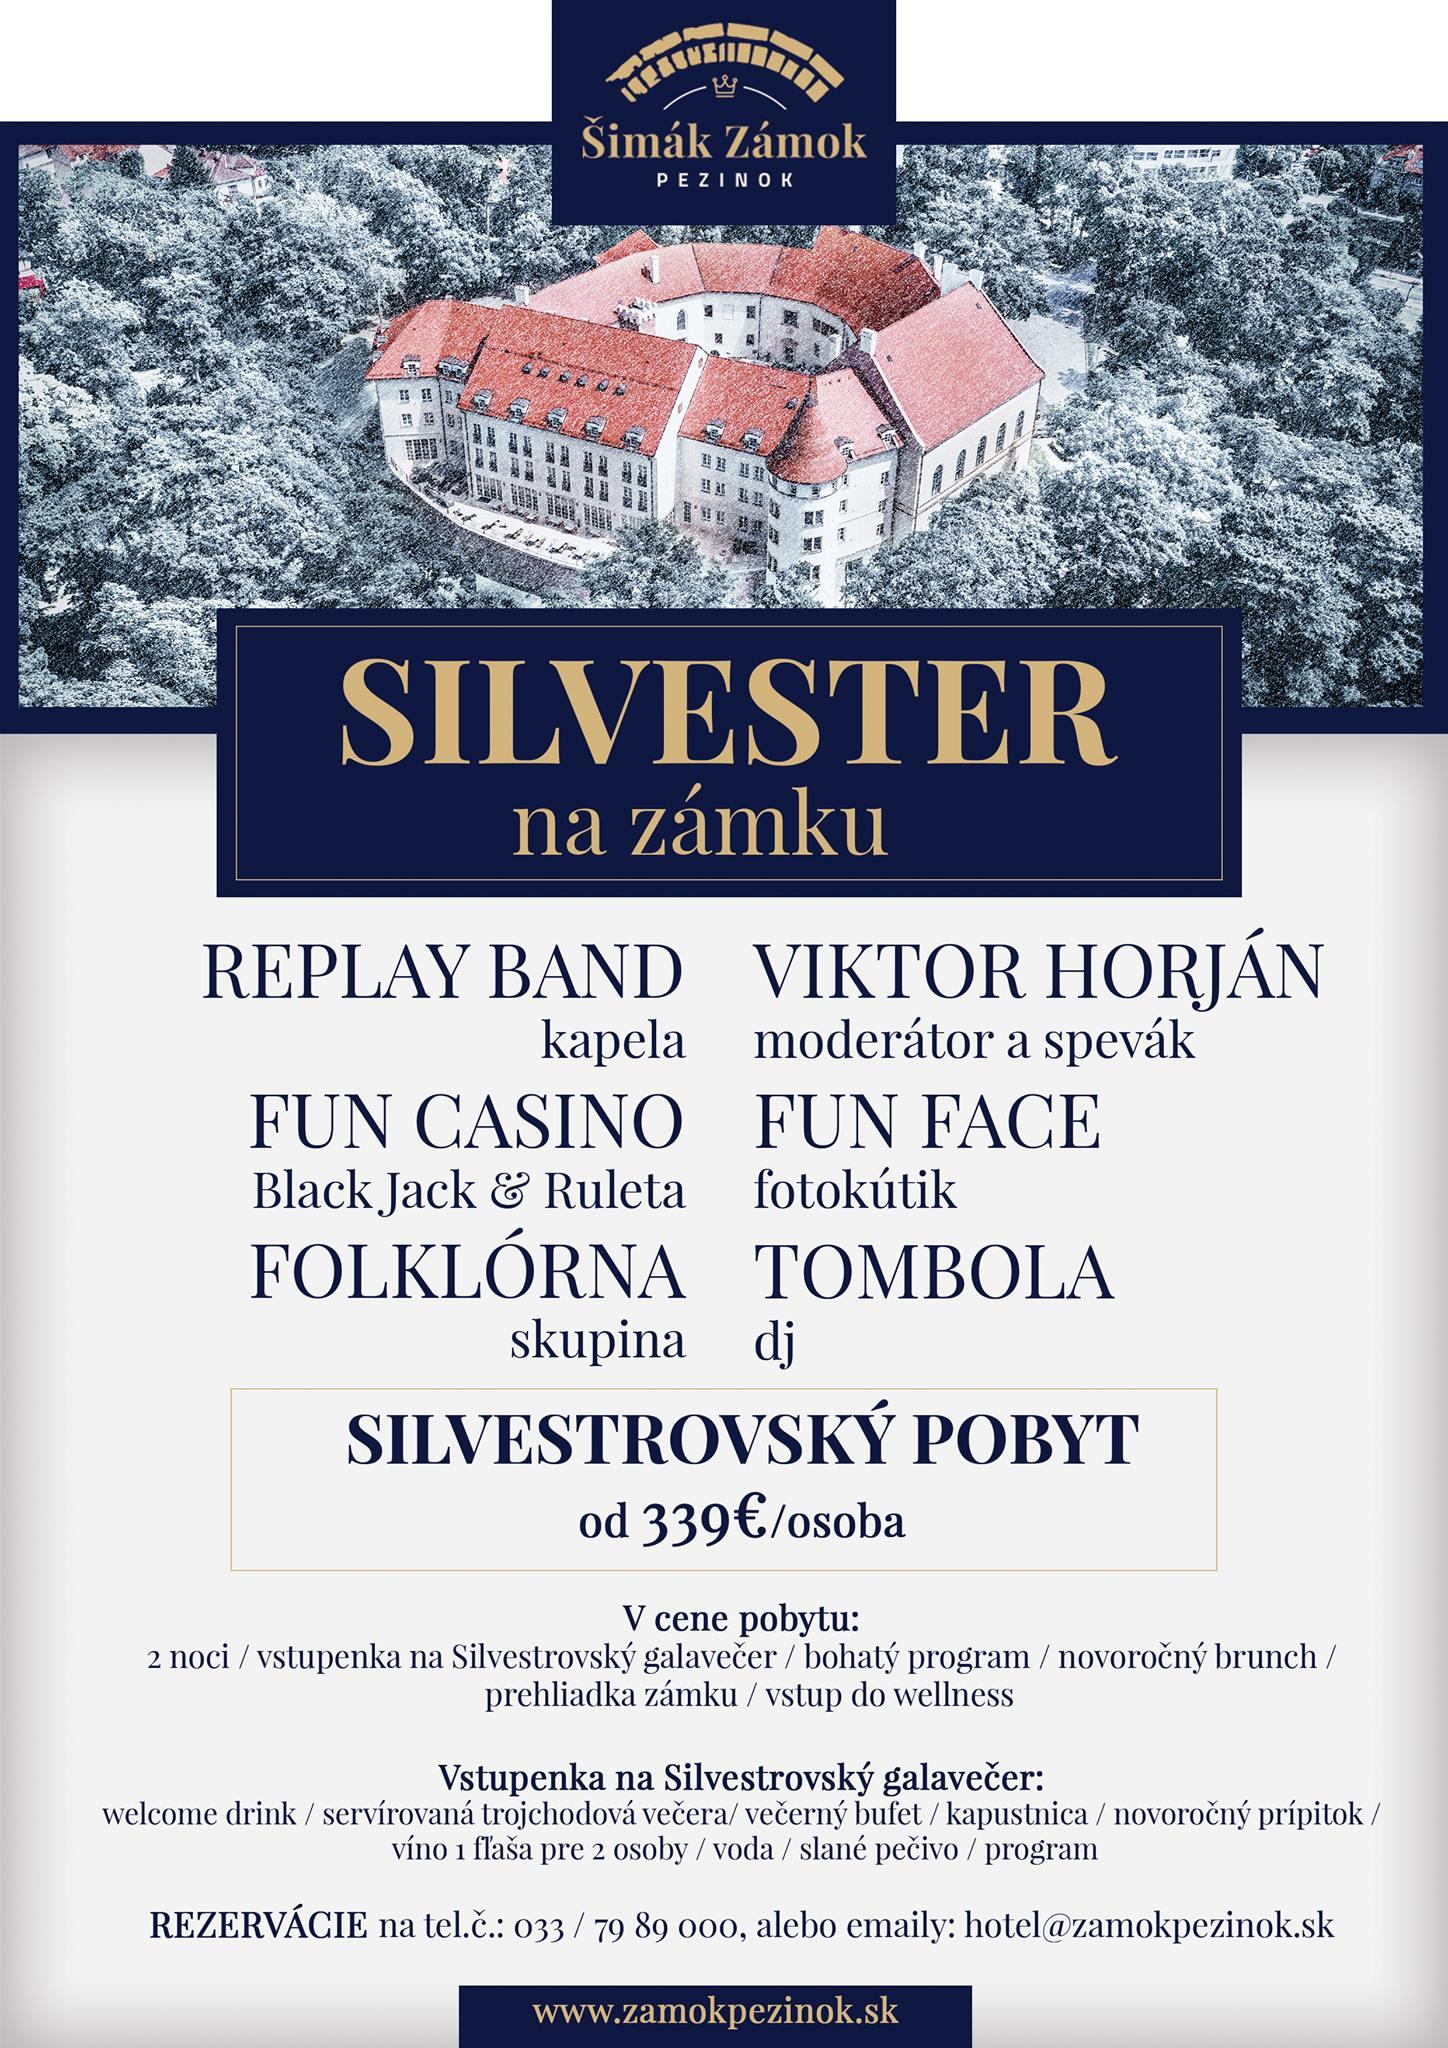 Silvestrovský pobyt na zámku Šimák Pezinok